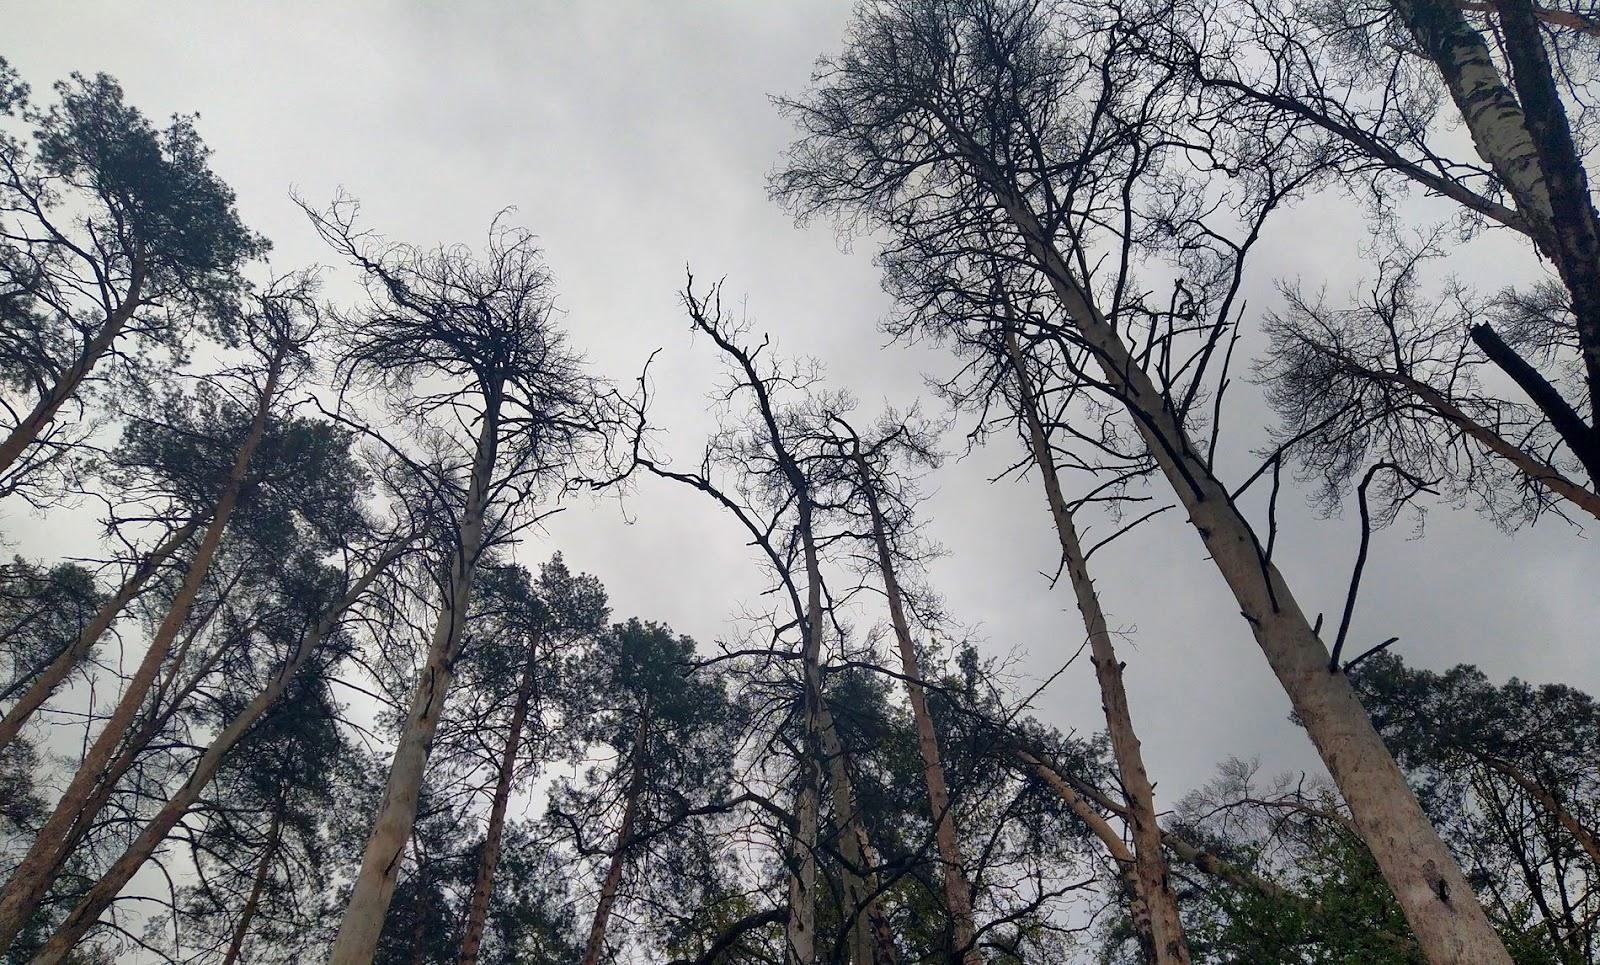 Ліс, ушкоджений пожежею кілька років тому. Пожежа виникла на торфовищі поруч